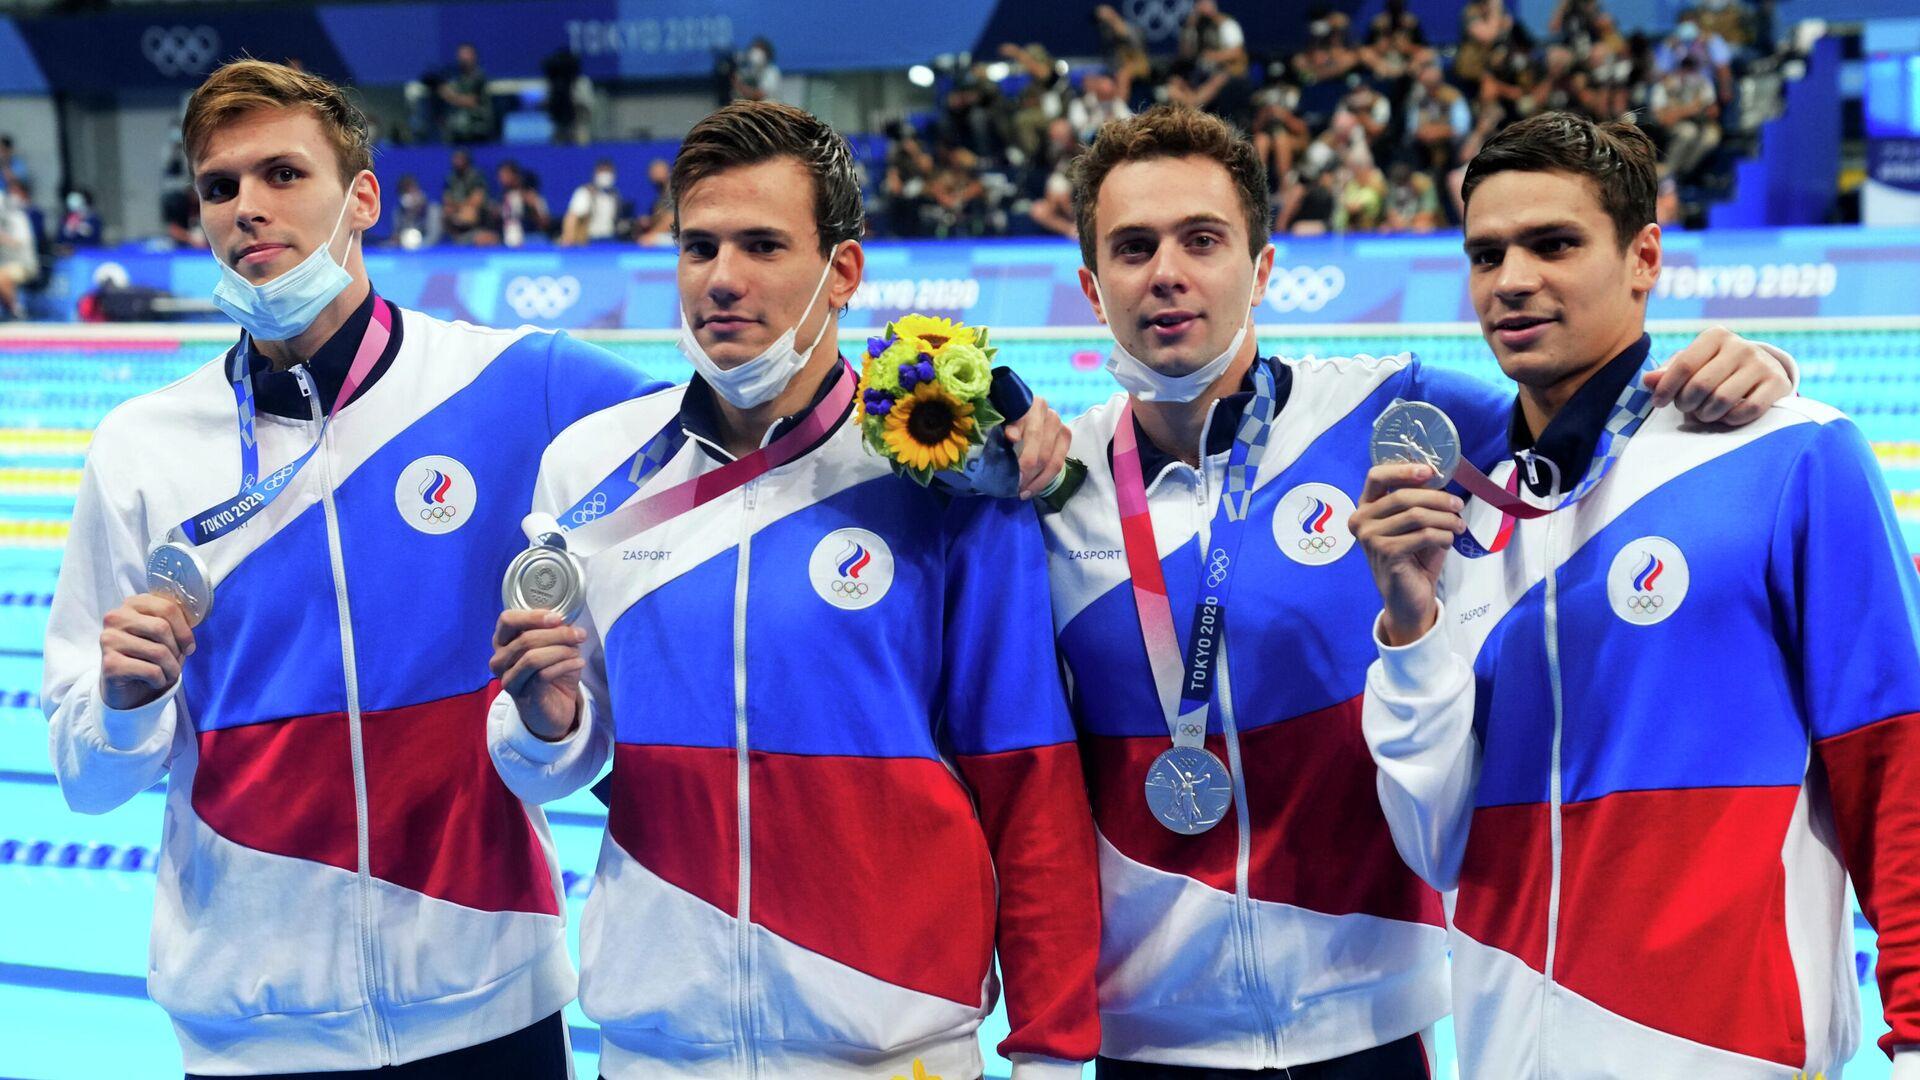 Российские пловцы на церемонии награждения олимпийскими медалями - РИА Новости, 1920, 29.07.2021